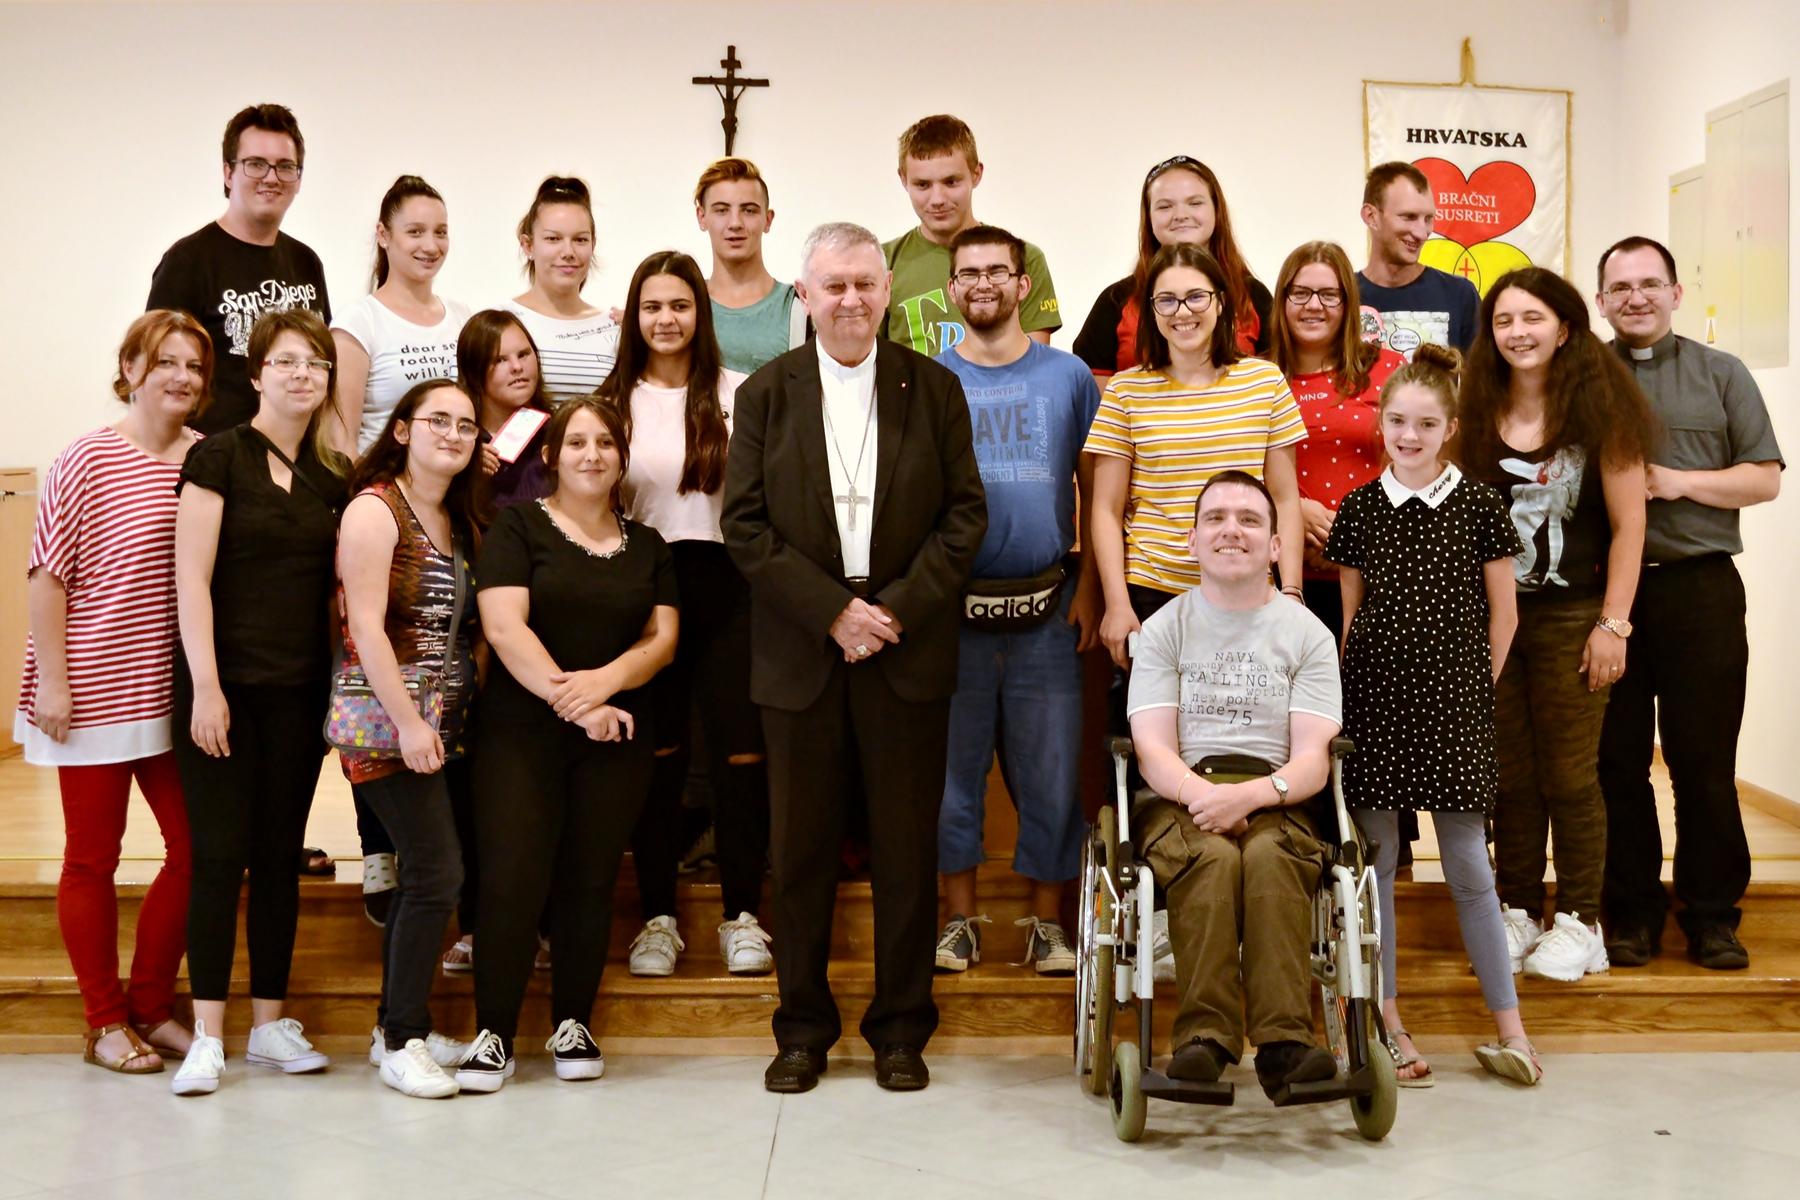 Prvi duhovno-ljetni susret za osobe s invaliditetom održan u Ludbregu